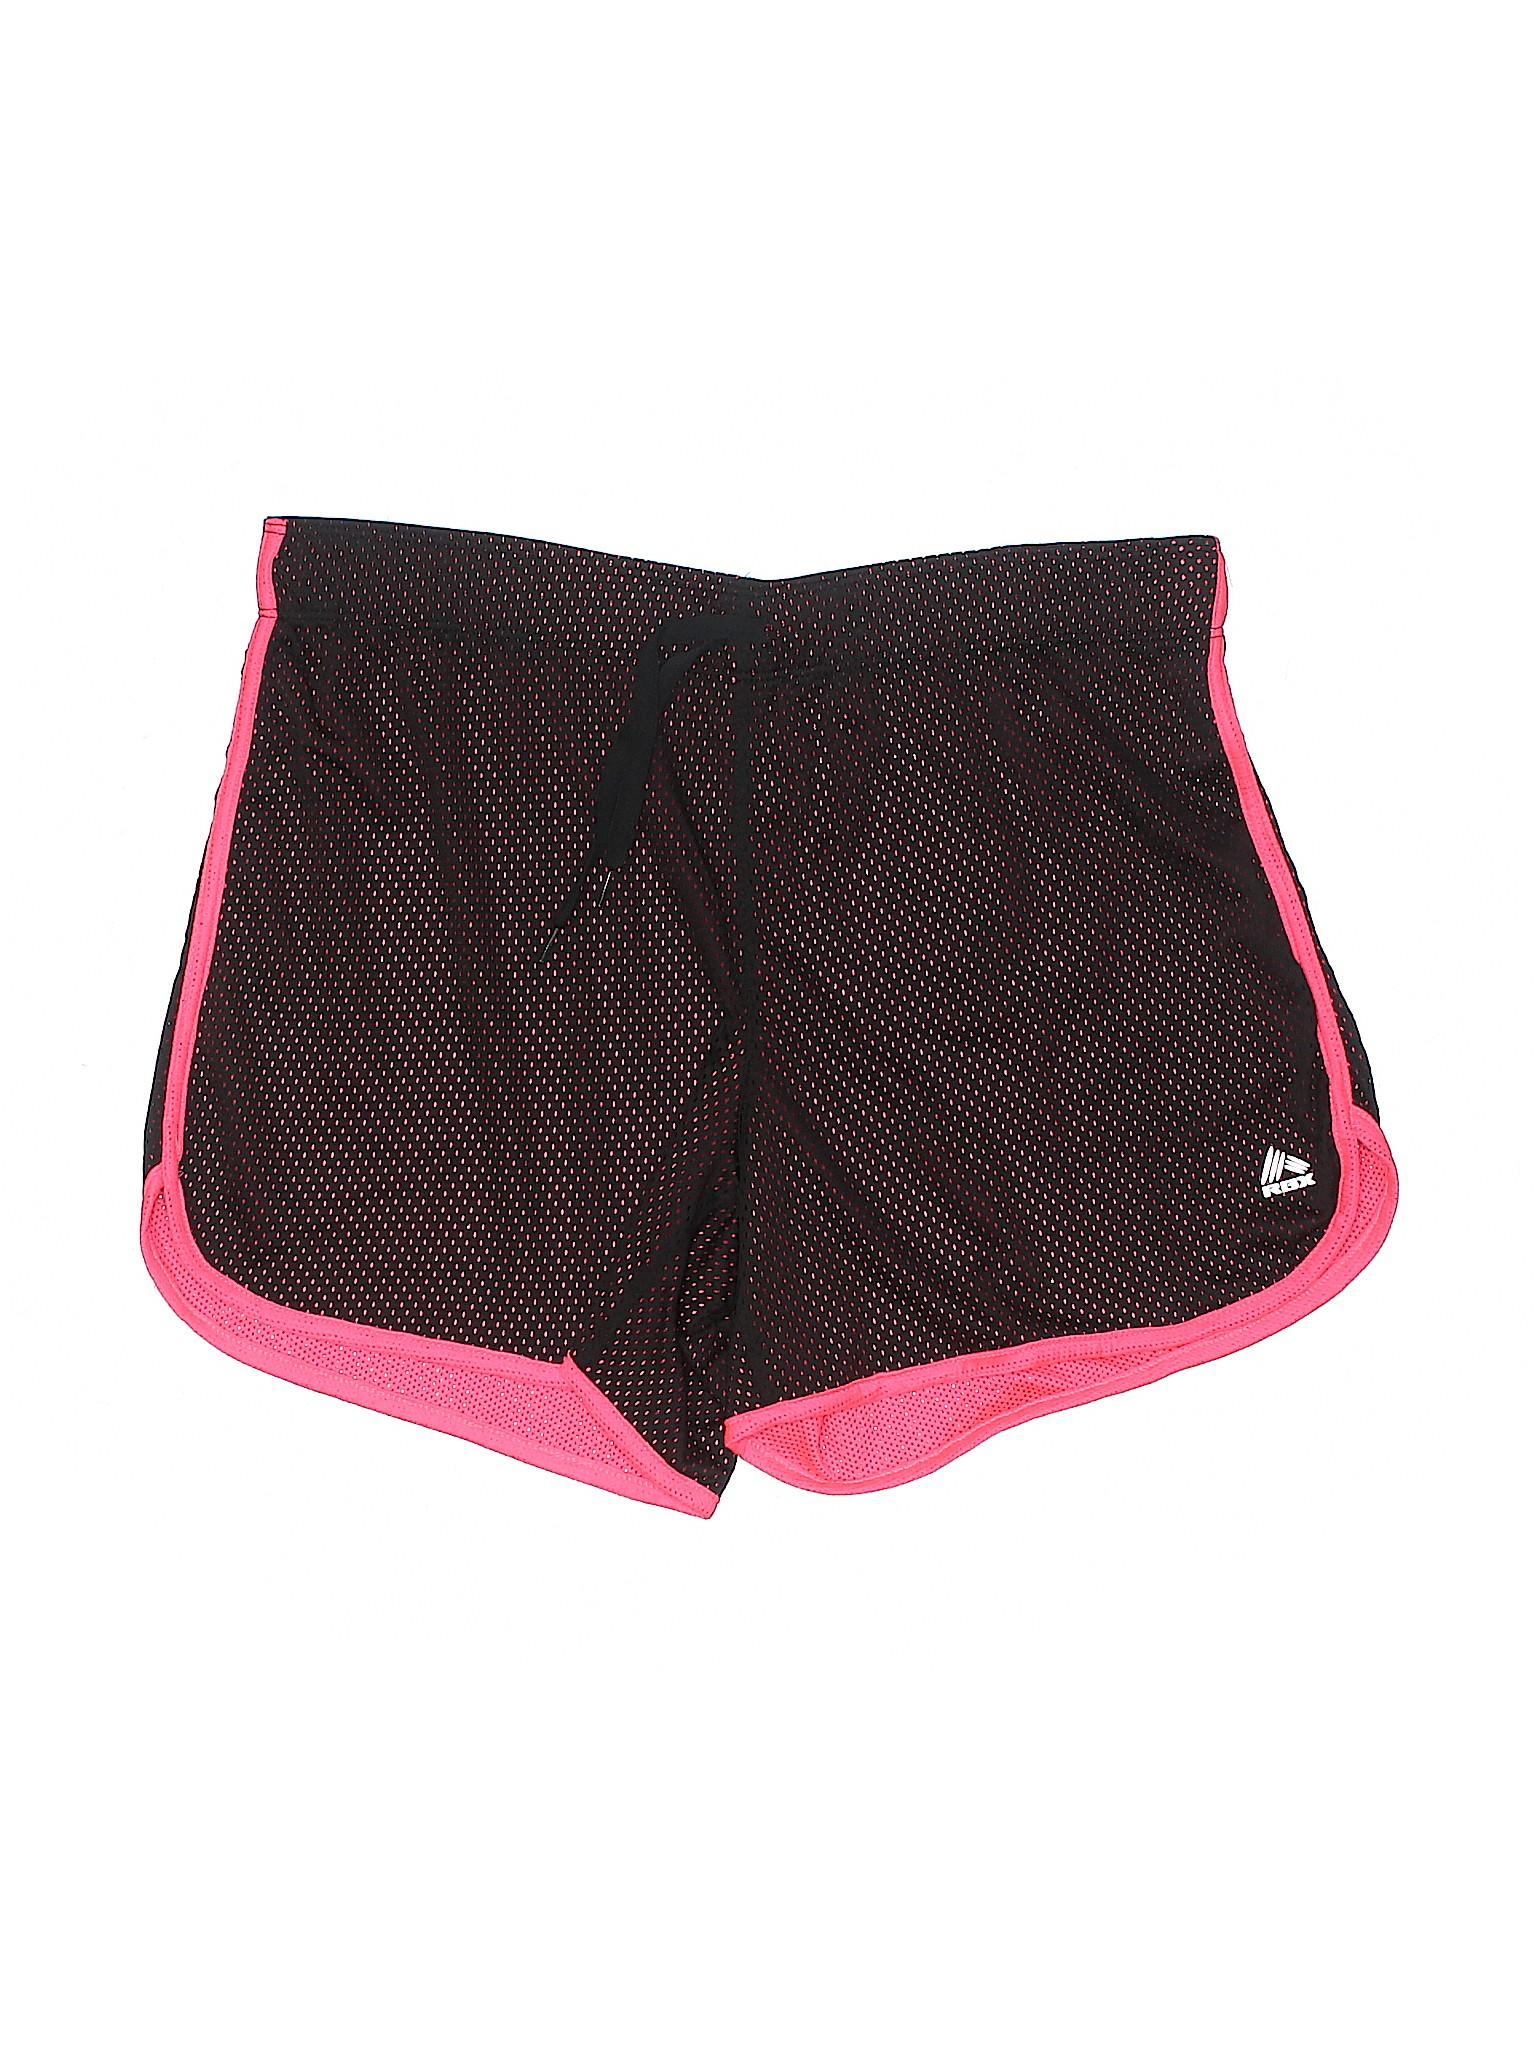 RBX Boutique Athletic RBX Athletic Boutique Shorts Shorts Boutique zS1xPFq